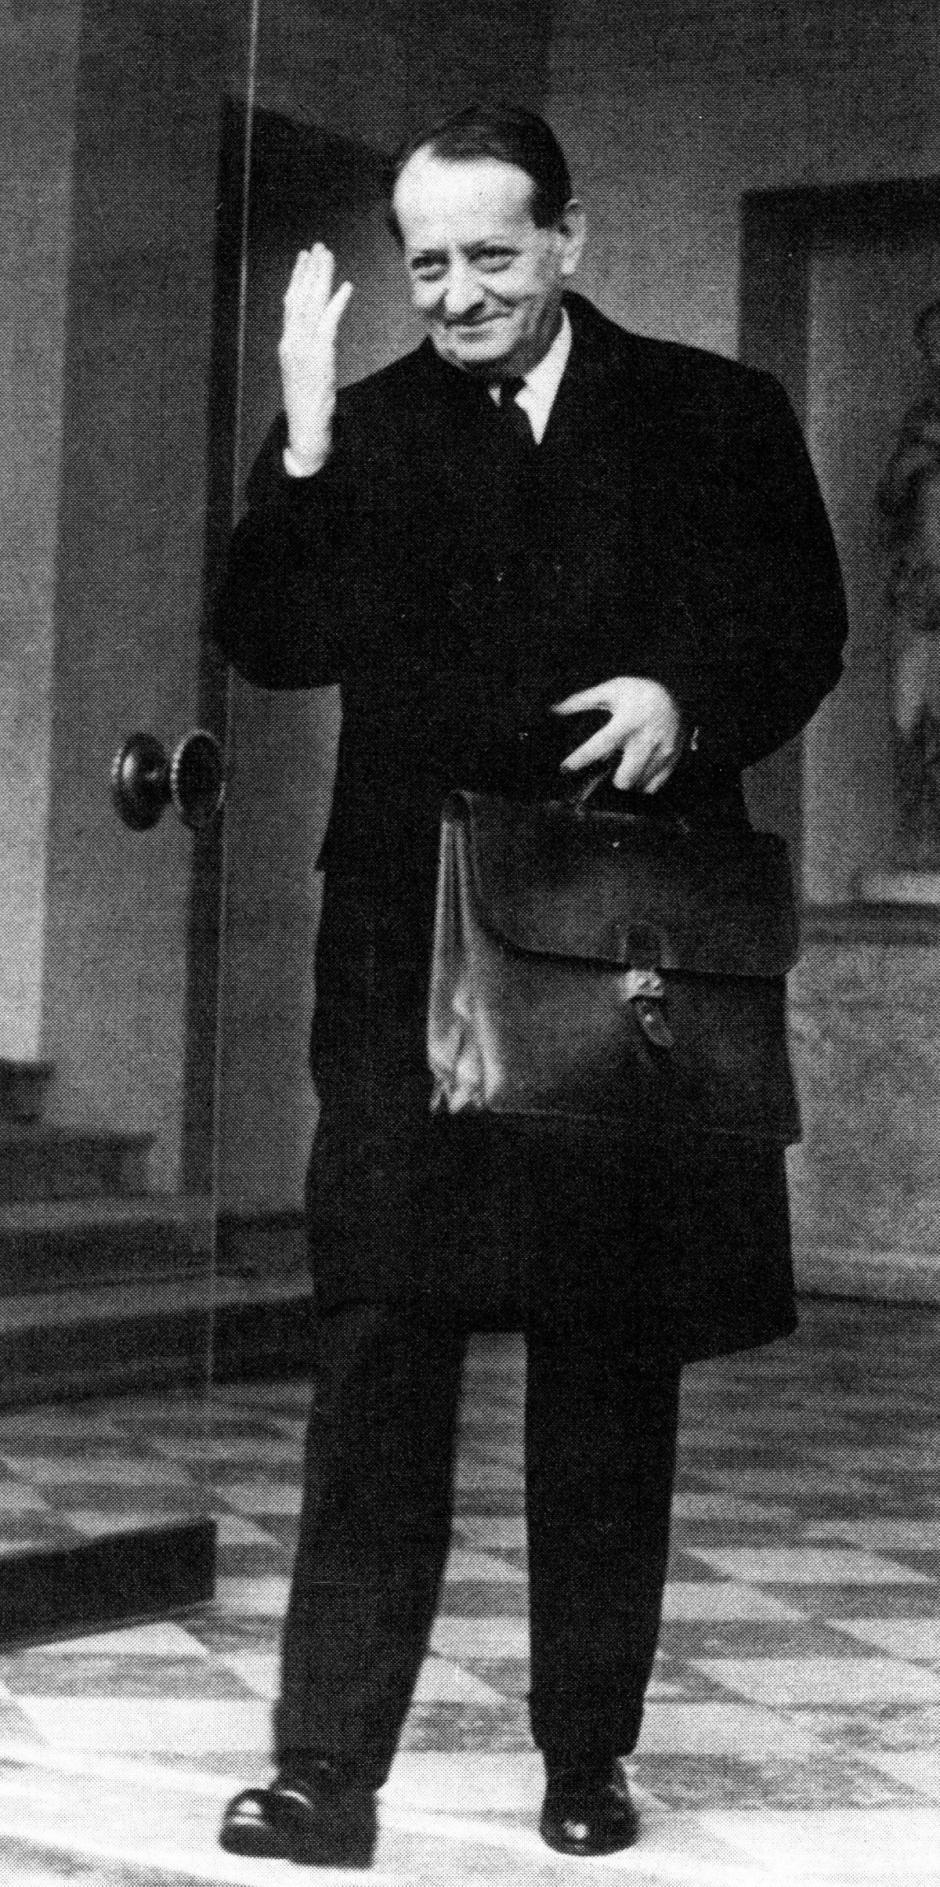 Les rendez-vous de St-Estève. André Malraux, un ministre de la culture visionnaire